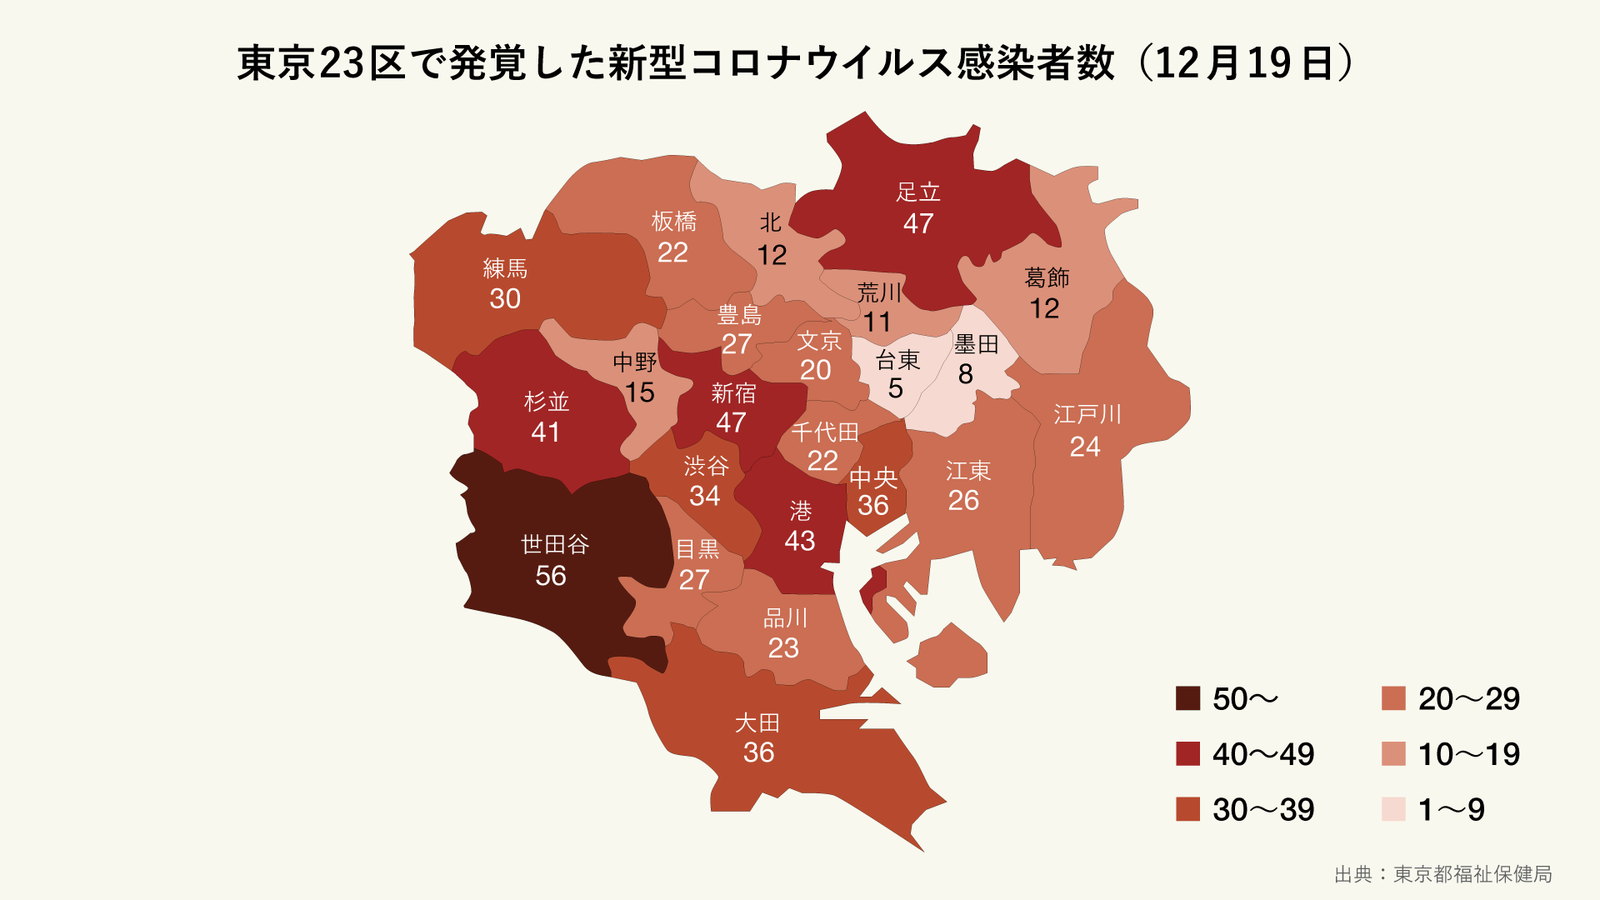 12月19日に発覚した東京23区の区ごとの新型コロナウイルス感染者数(マップ)